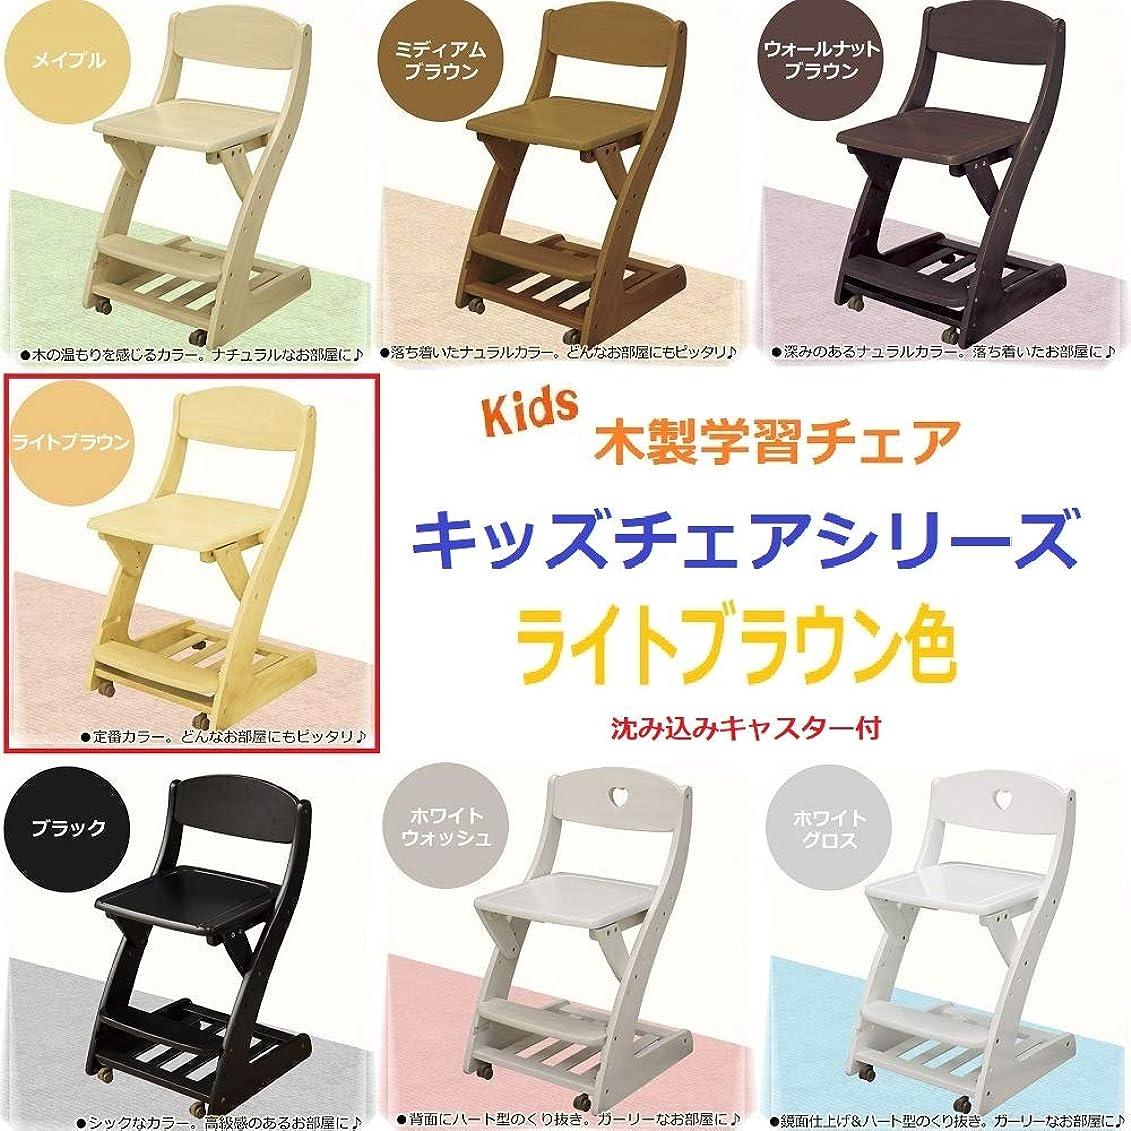 ピアースアーチエロチック木製チェア 板座 学習机用 WC-16 木製椅子 木製イス 学習椅子 学習チェア 学習イス キッズ用チェア (LBライトブラウン)